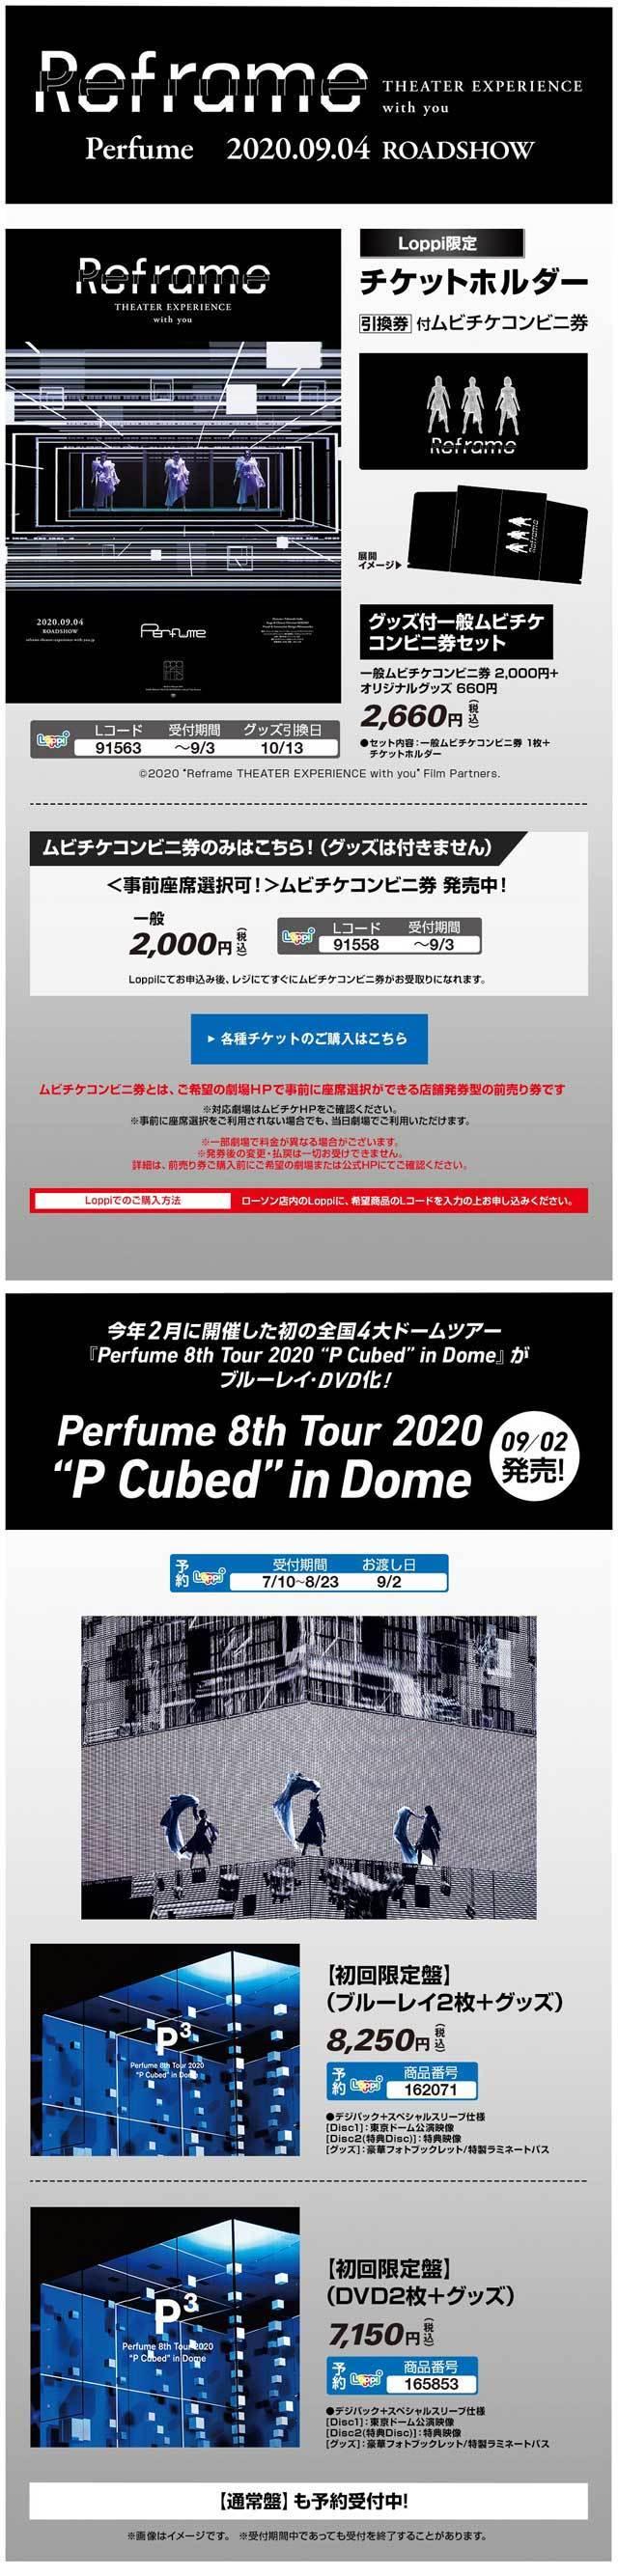 200724_15-.jpg